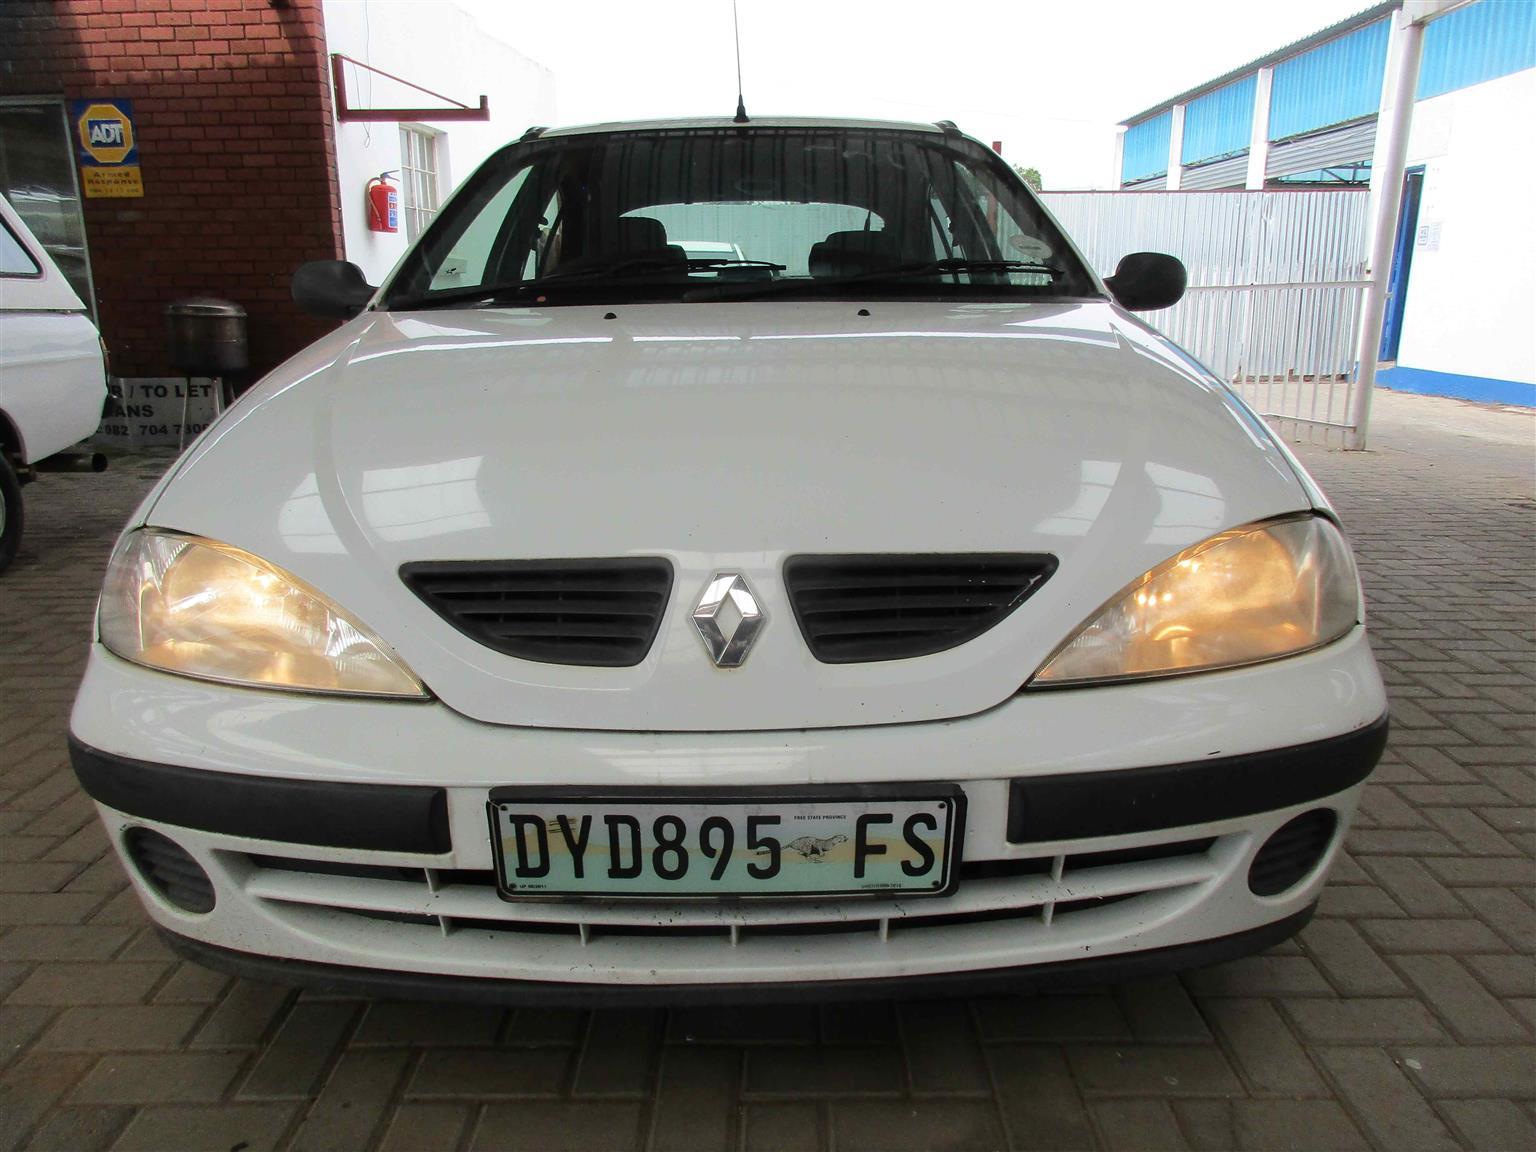 2001 Renault Megane 1.6 Dynamique